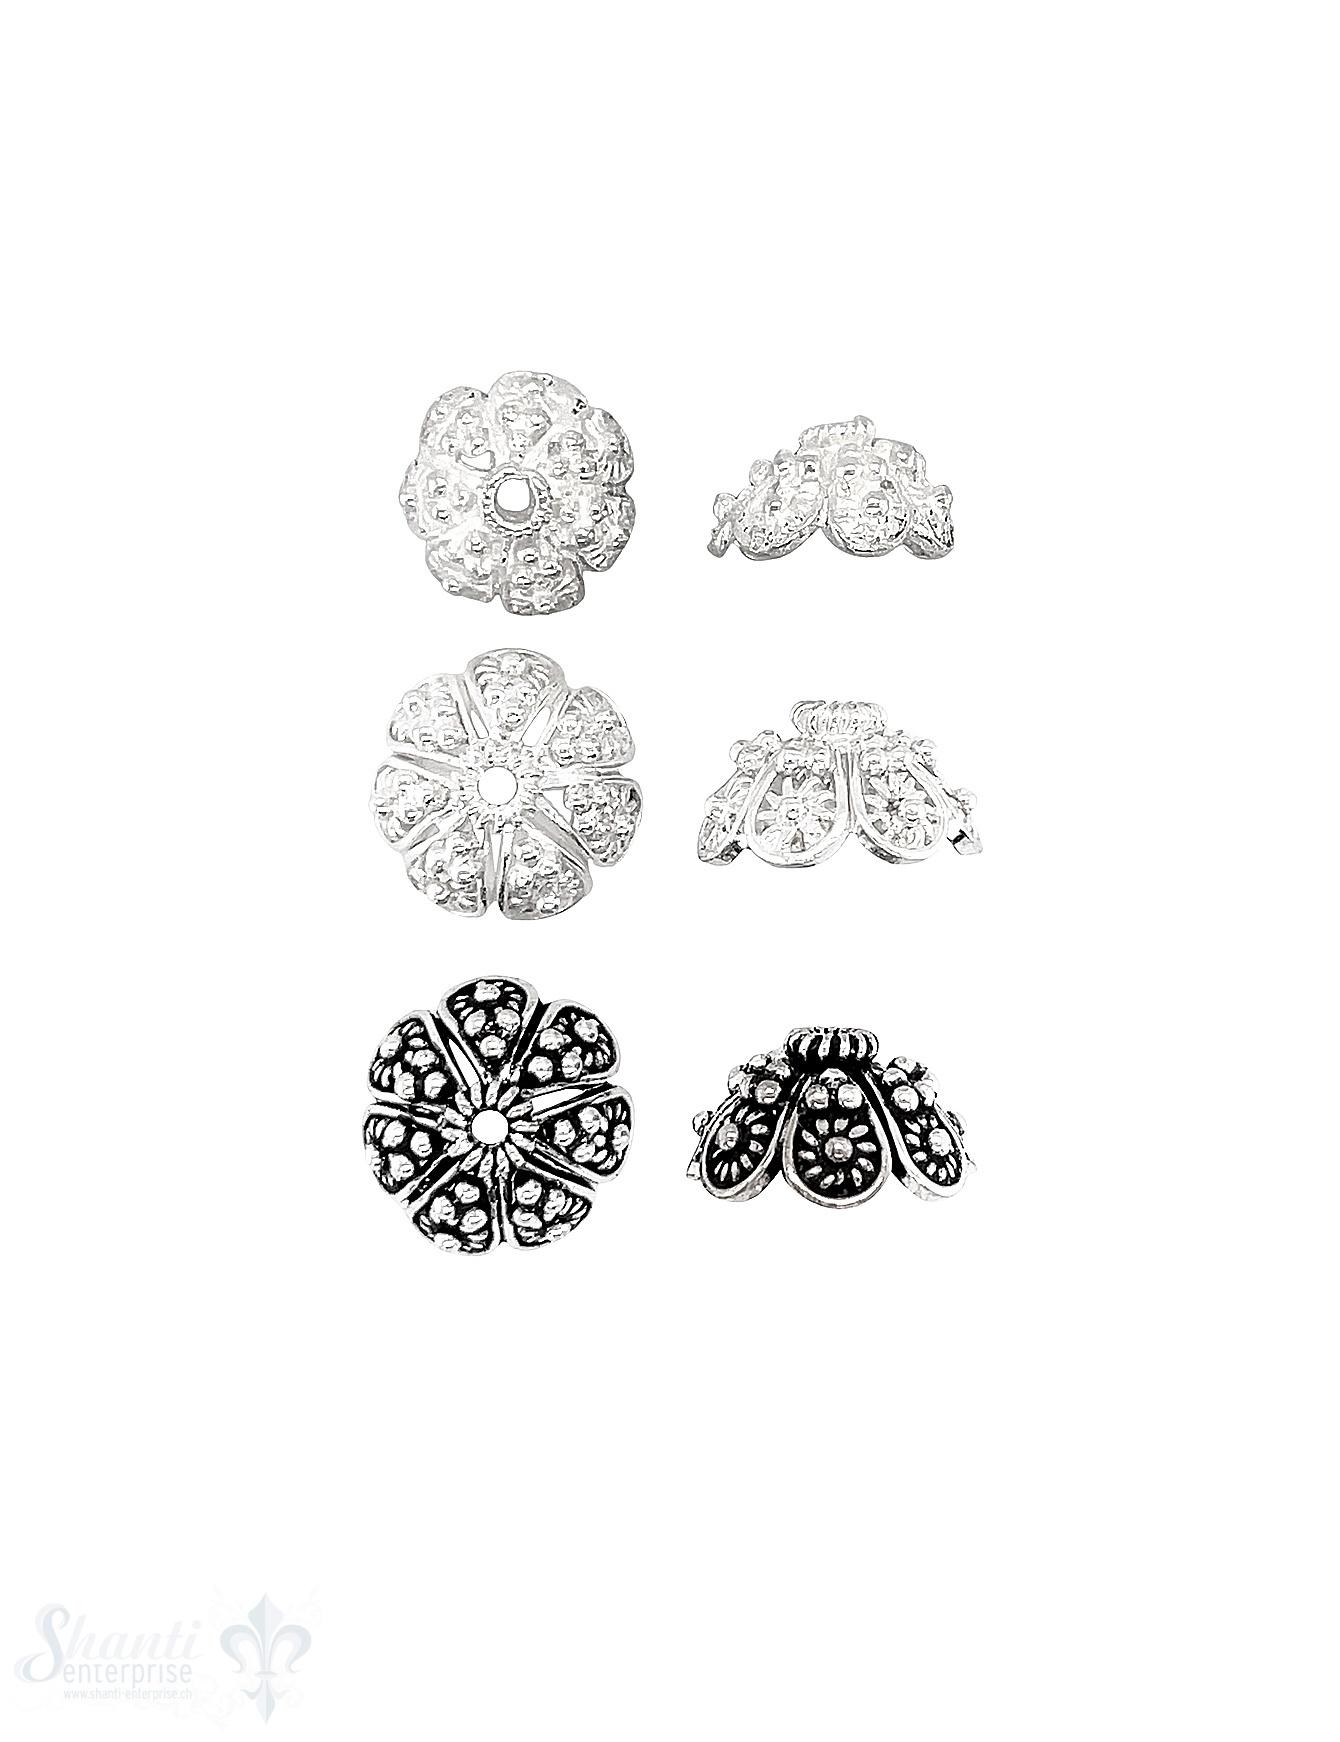 Blumen Perlkappe reich verziert mit Rand 8-blättrig leicht offen Silber 925